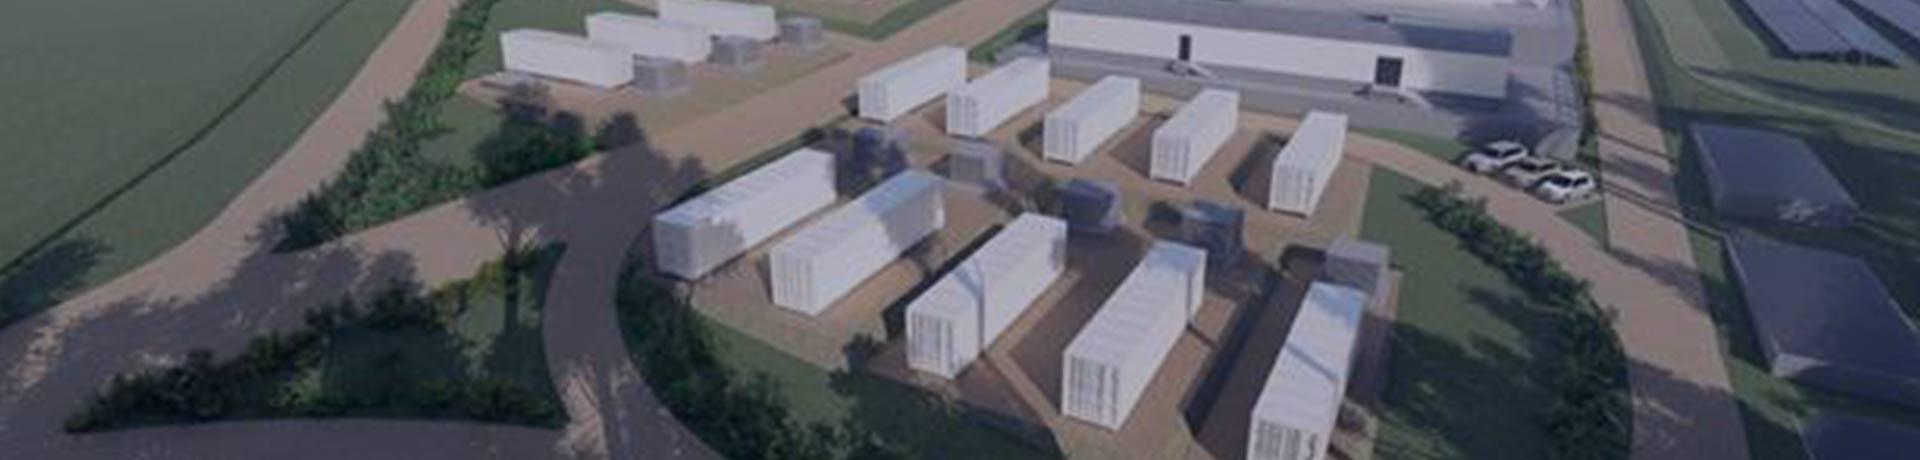 Visuel de cabines dans un champ